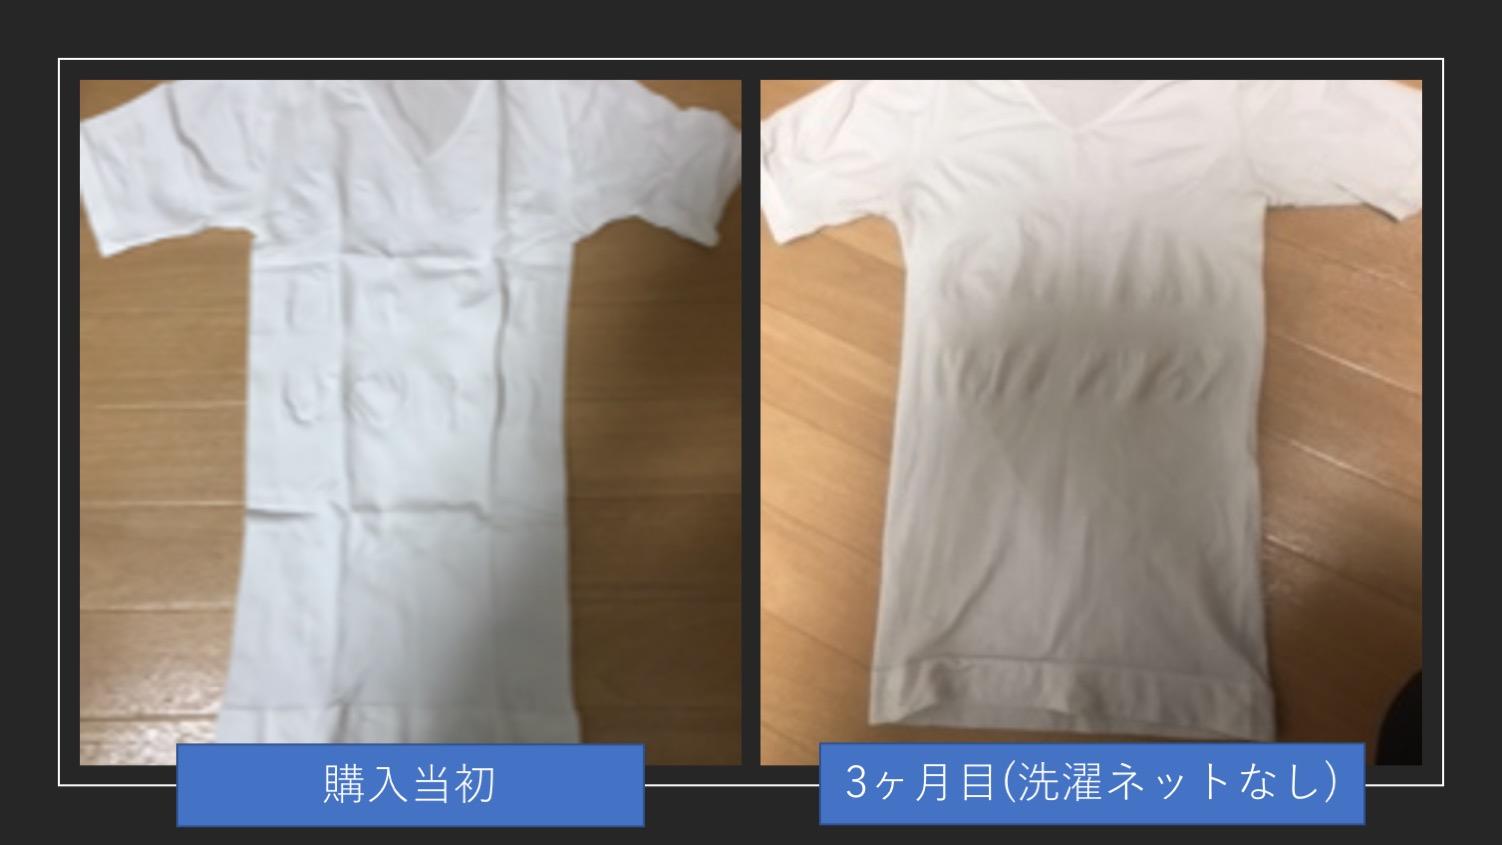 加圧シャツの洗濯方法は非常に大事